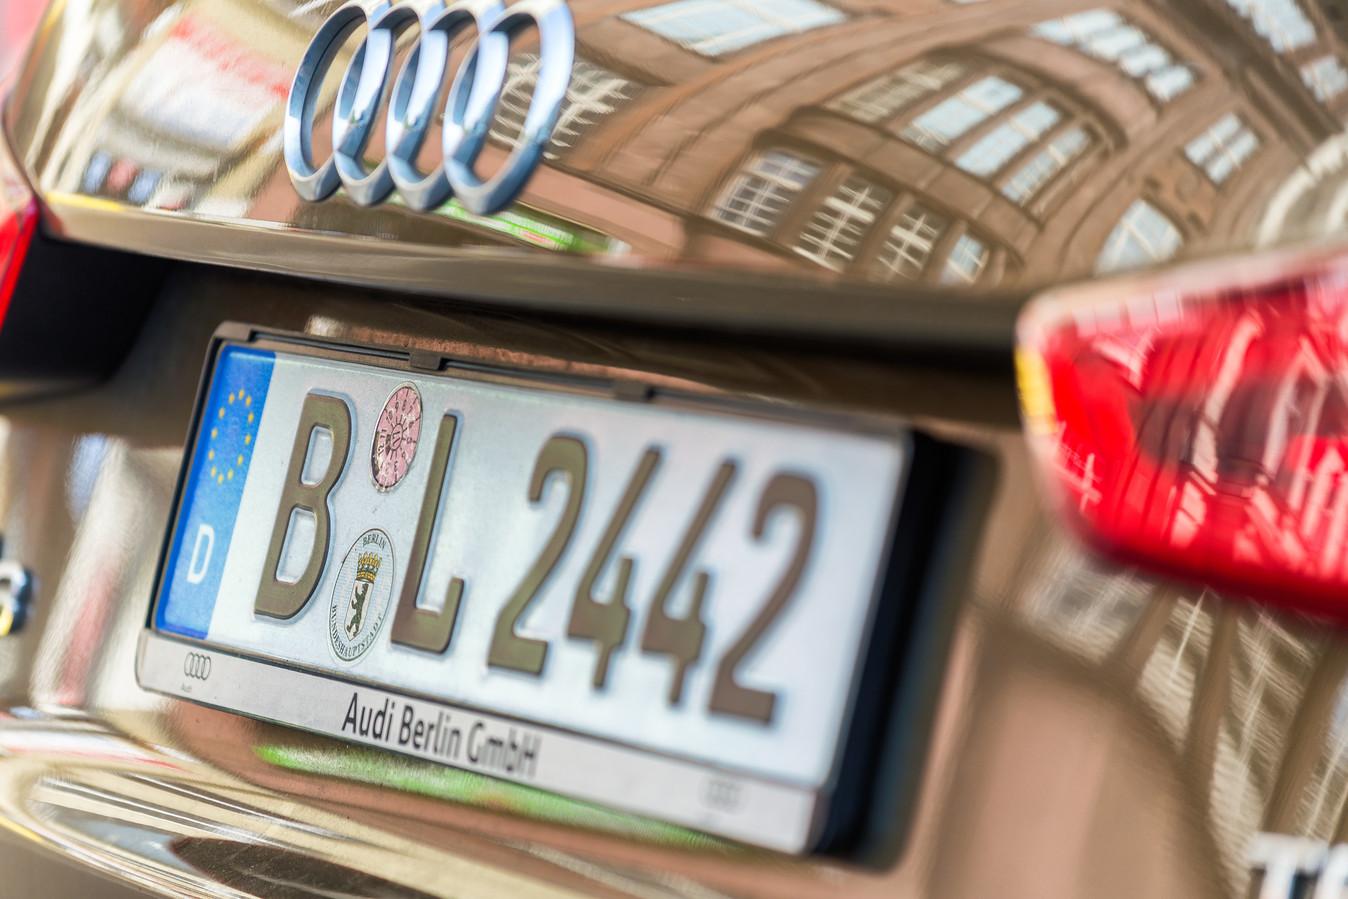 Een Audi uit Berlijn, te herkennen aan de letter B.